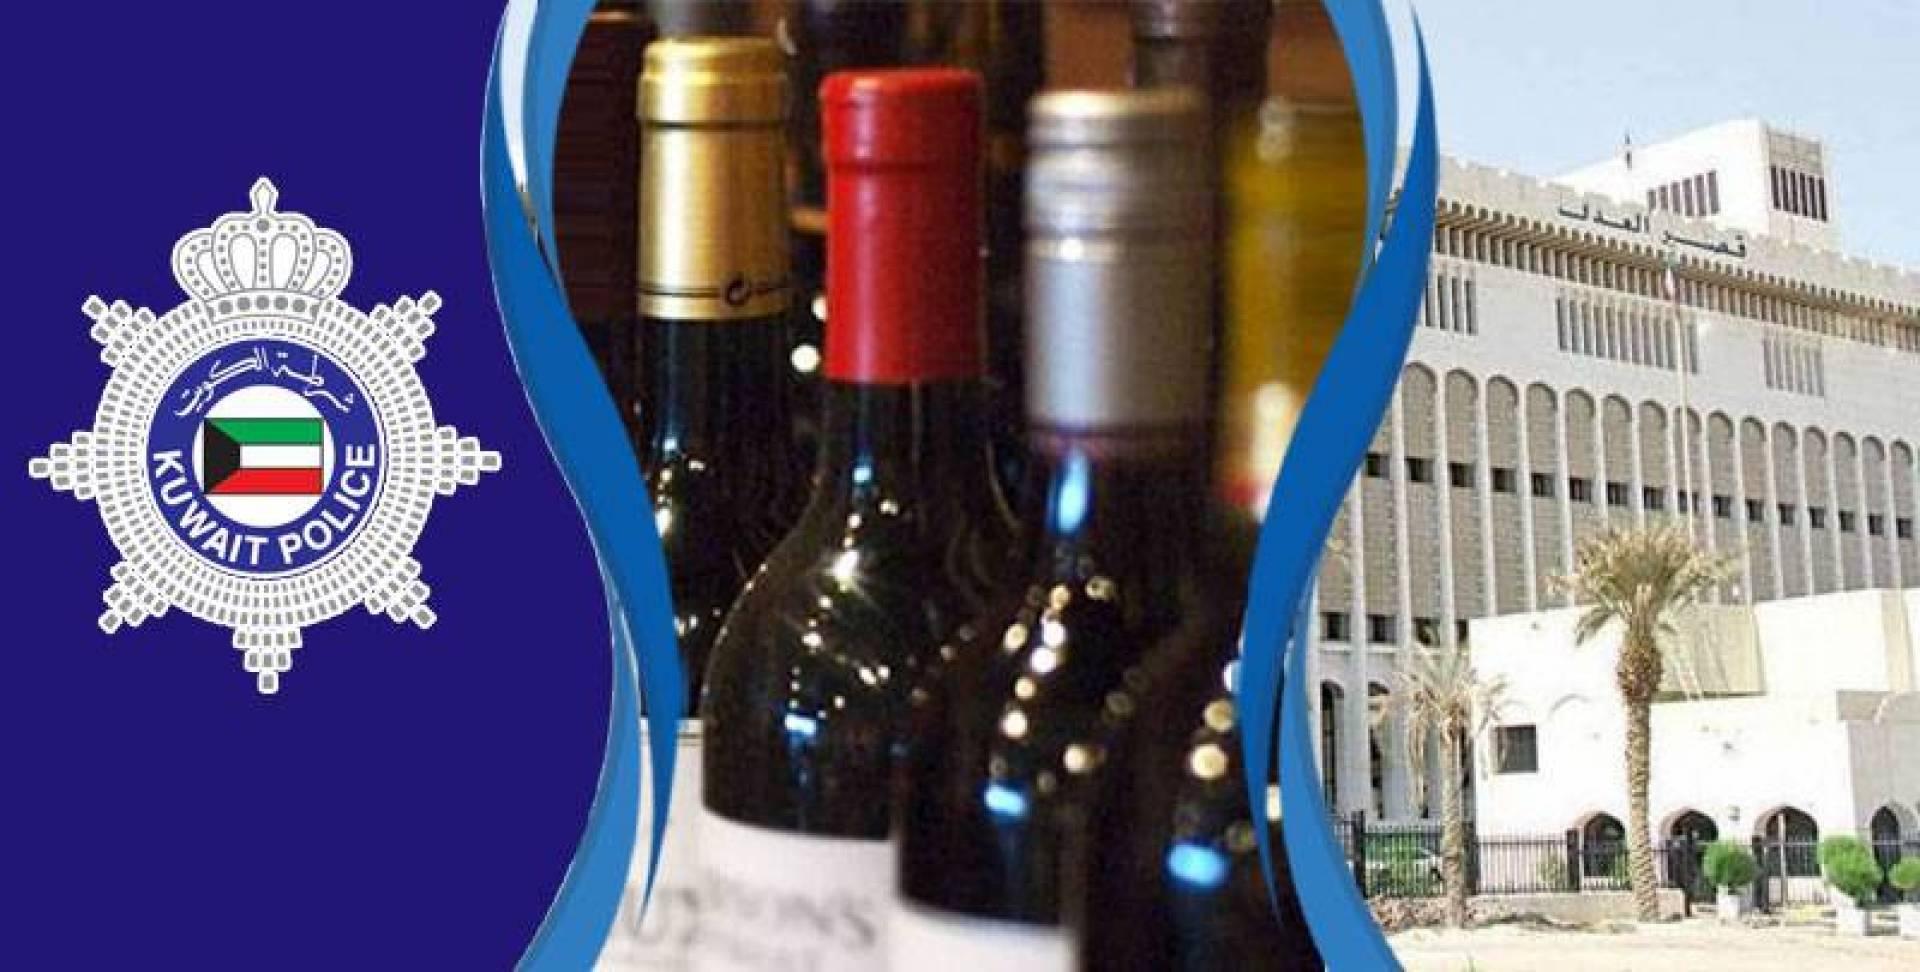 مصدر لـ«القبس»: خلاف حول توزيع الخمور كشف تورط الضابط ومصادره